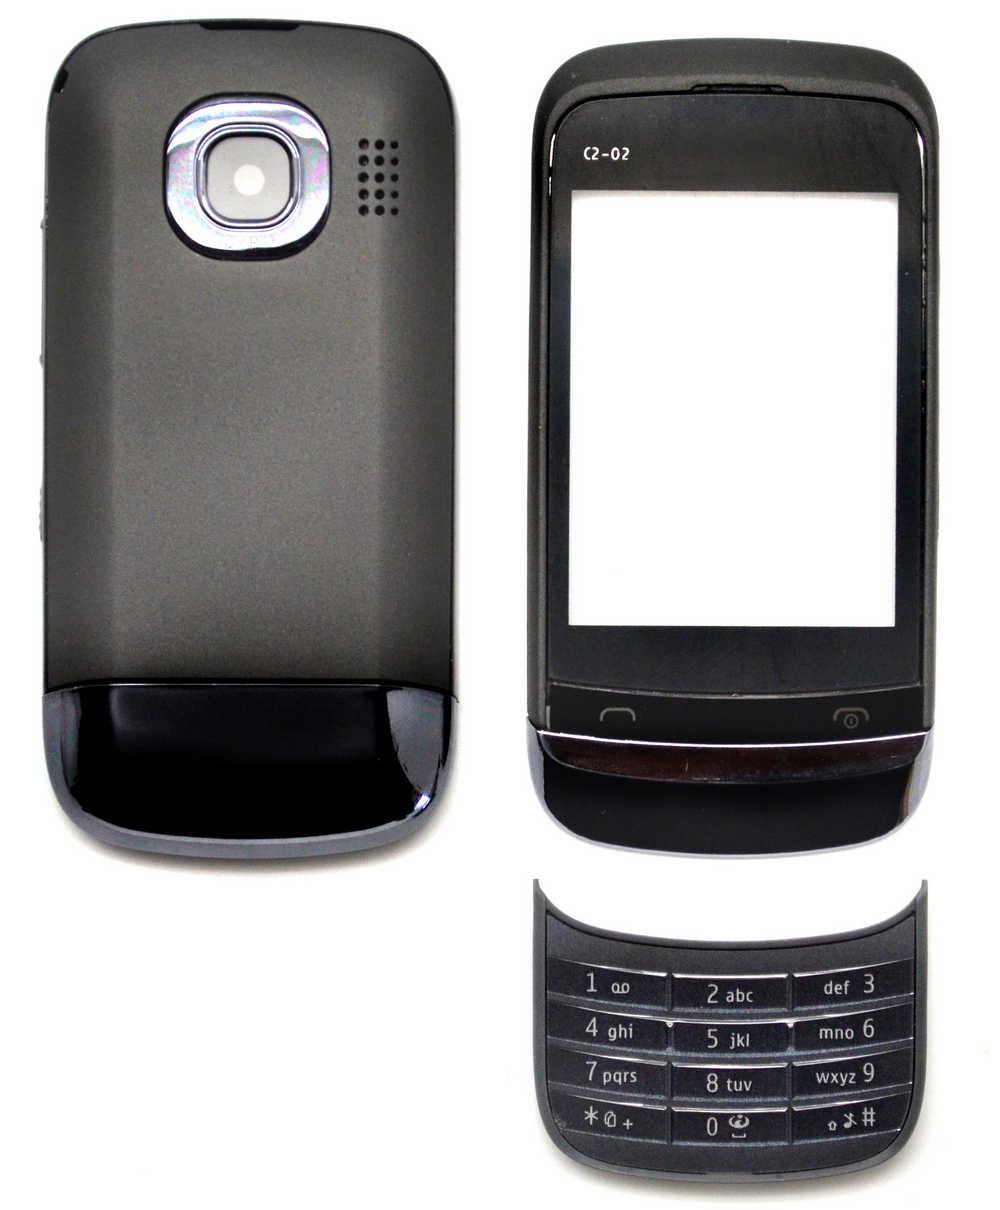 Πρόσοψη Nokia C2-02 με πληκτρολόγιο Μαύρη OEM